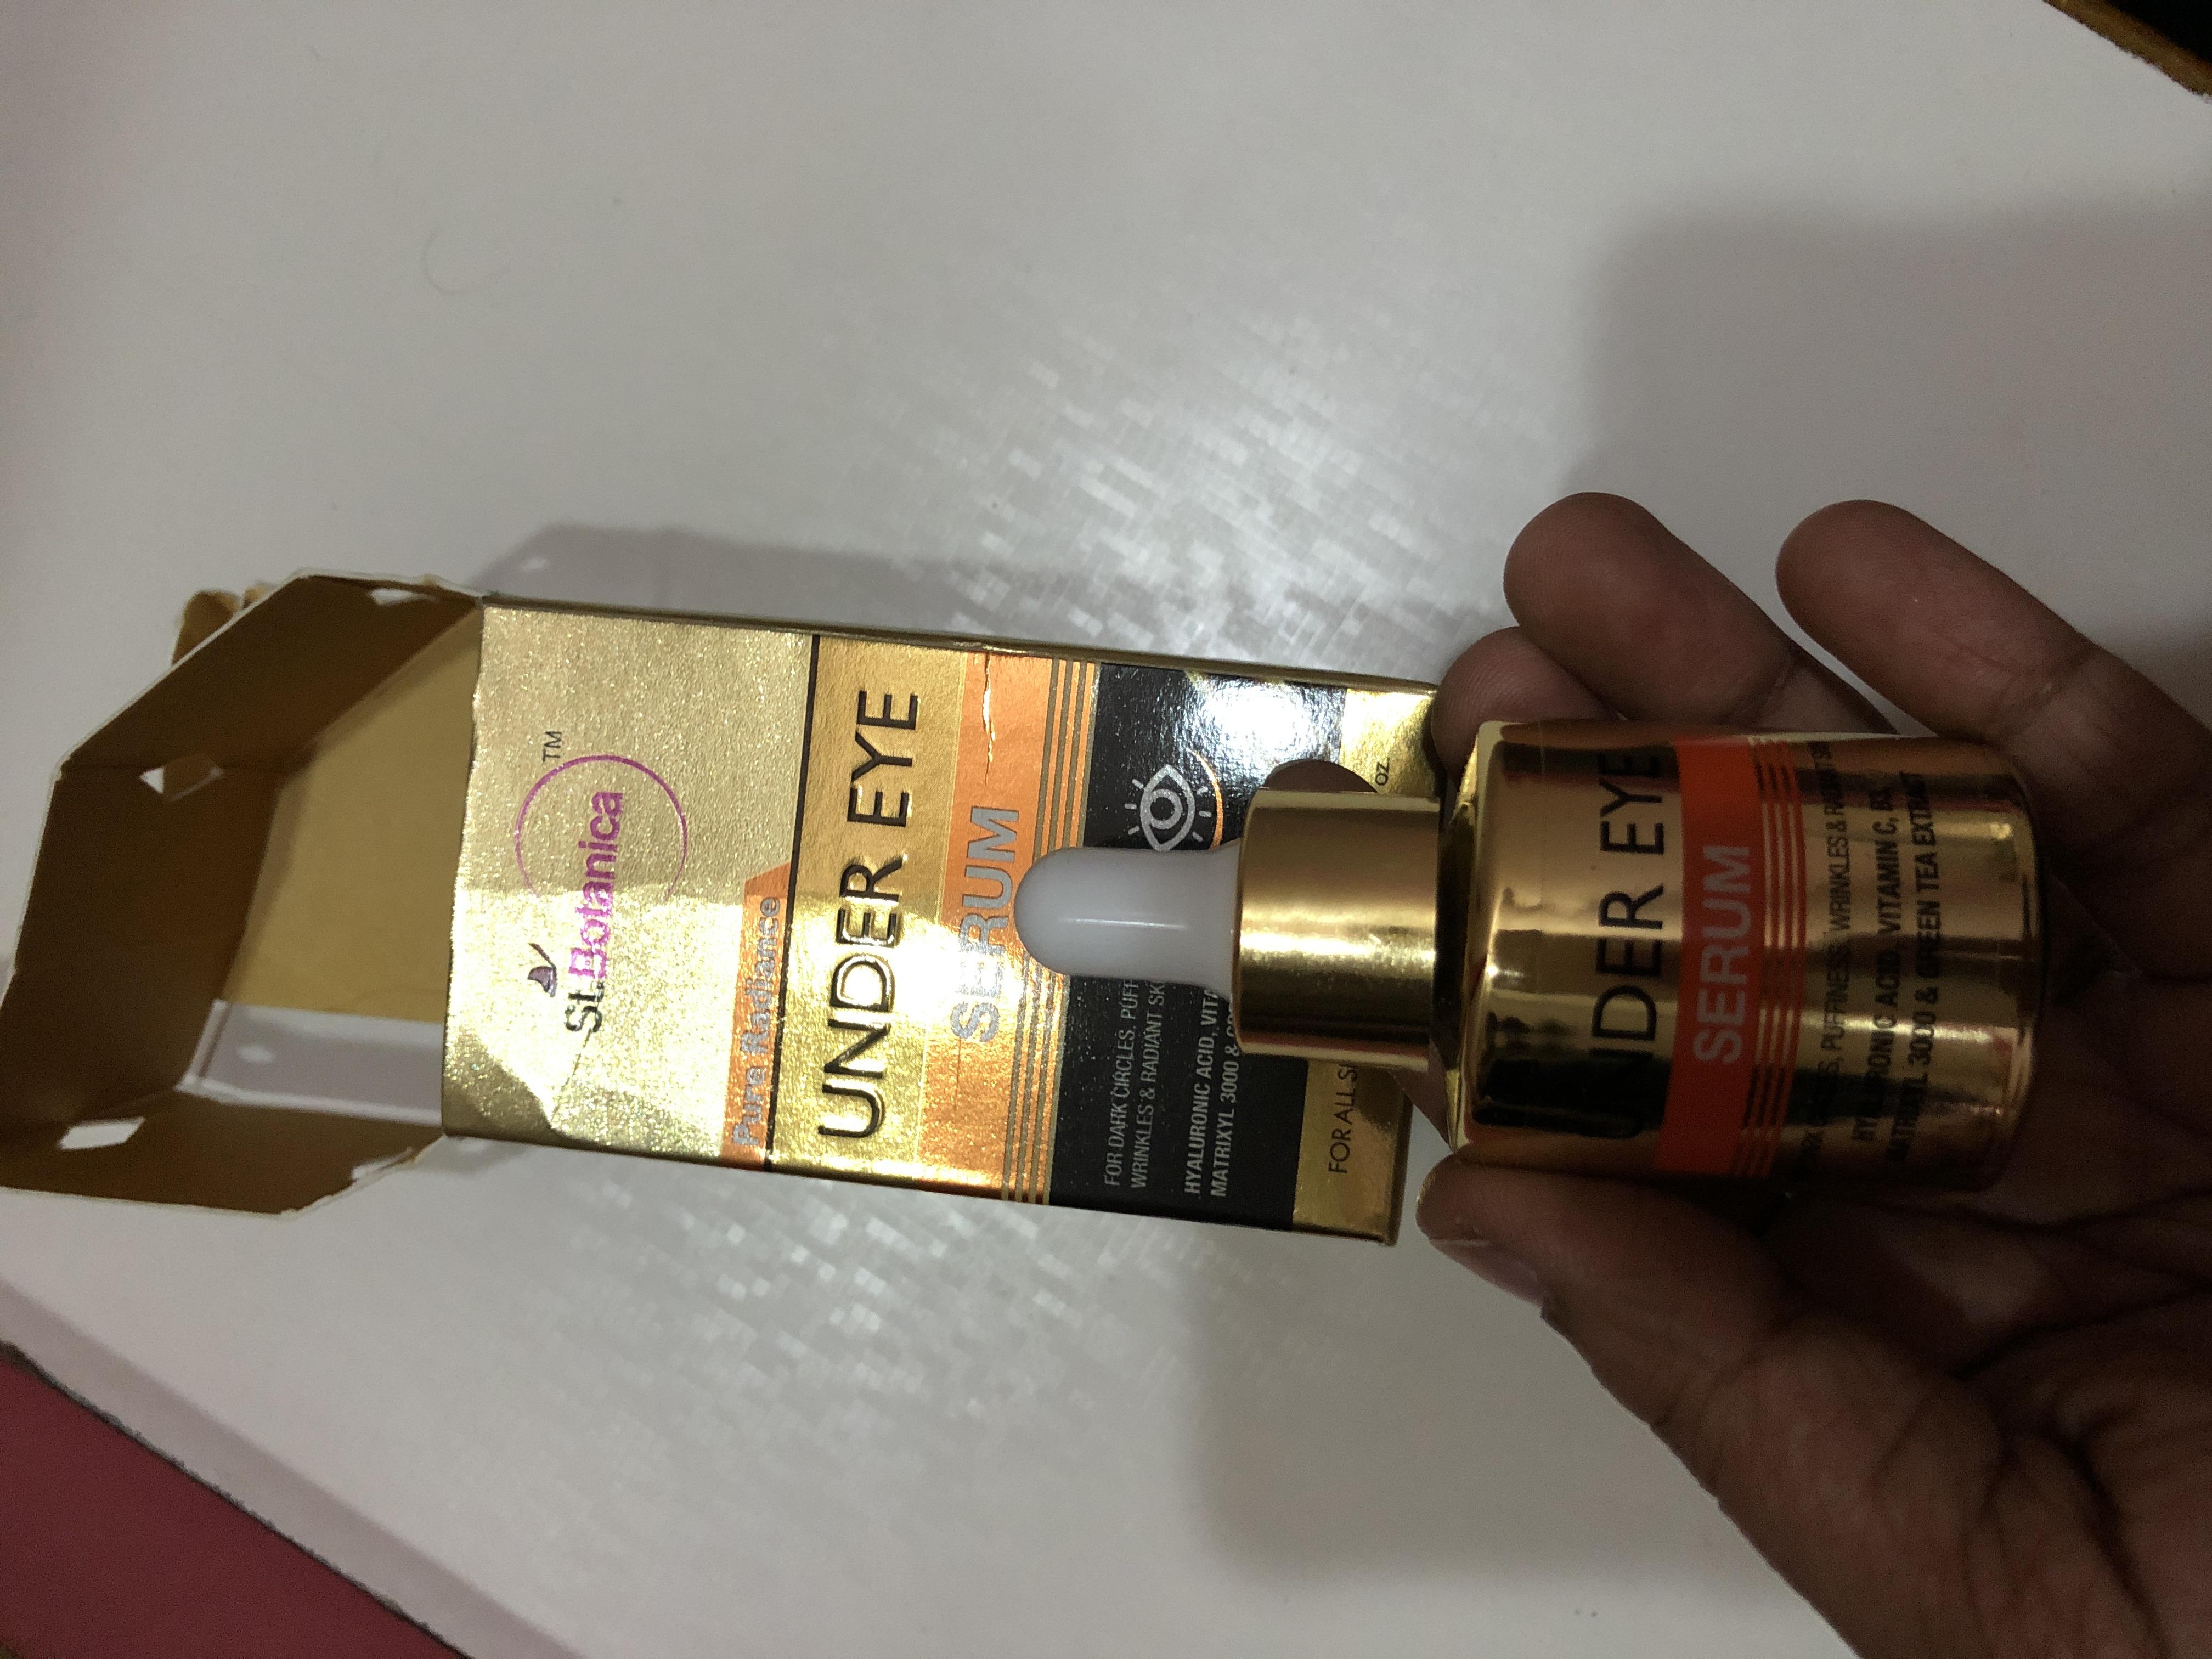 StBotanica Pure Radiance Under Eye Serum-Best serum for under eyes dark circles-By rsairajeswari